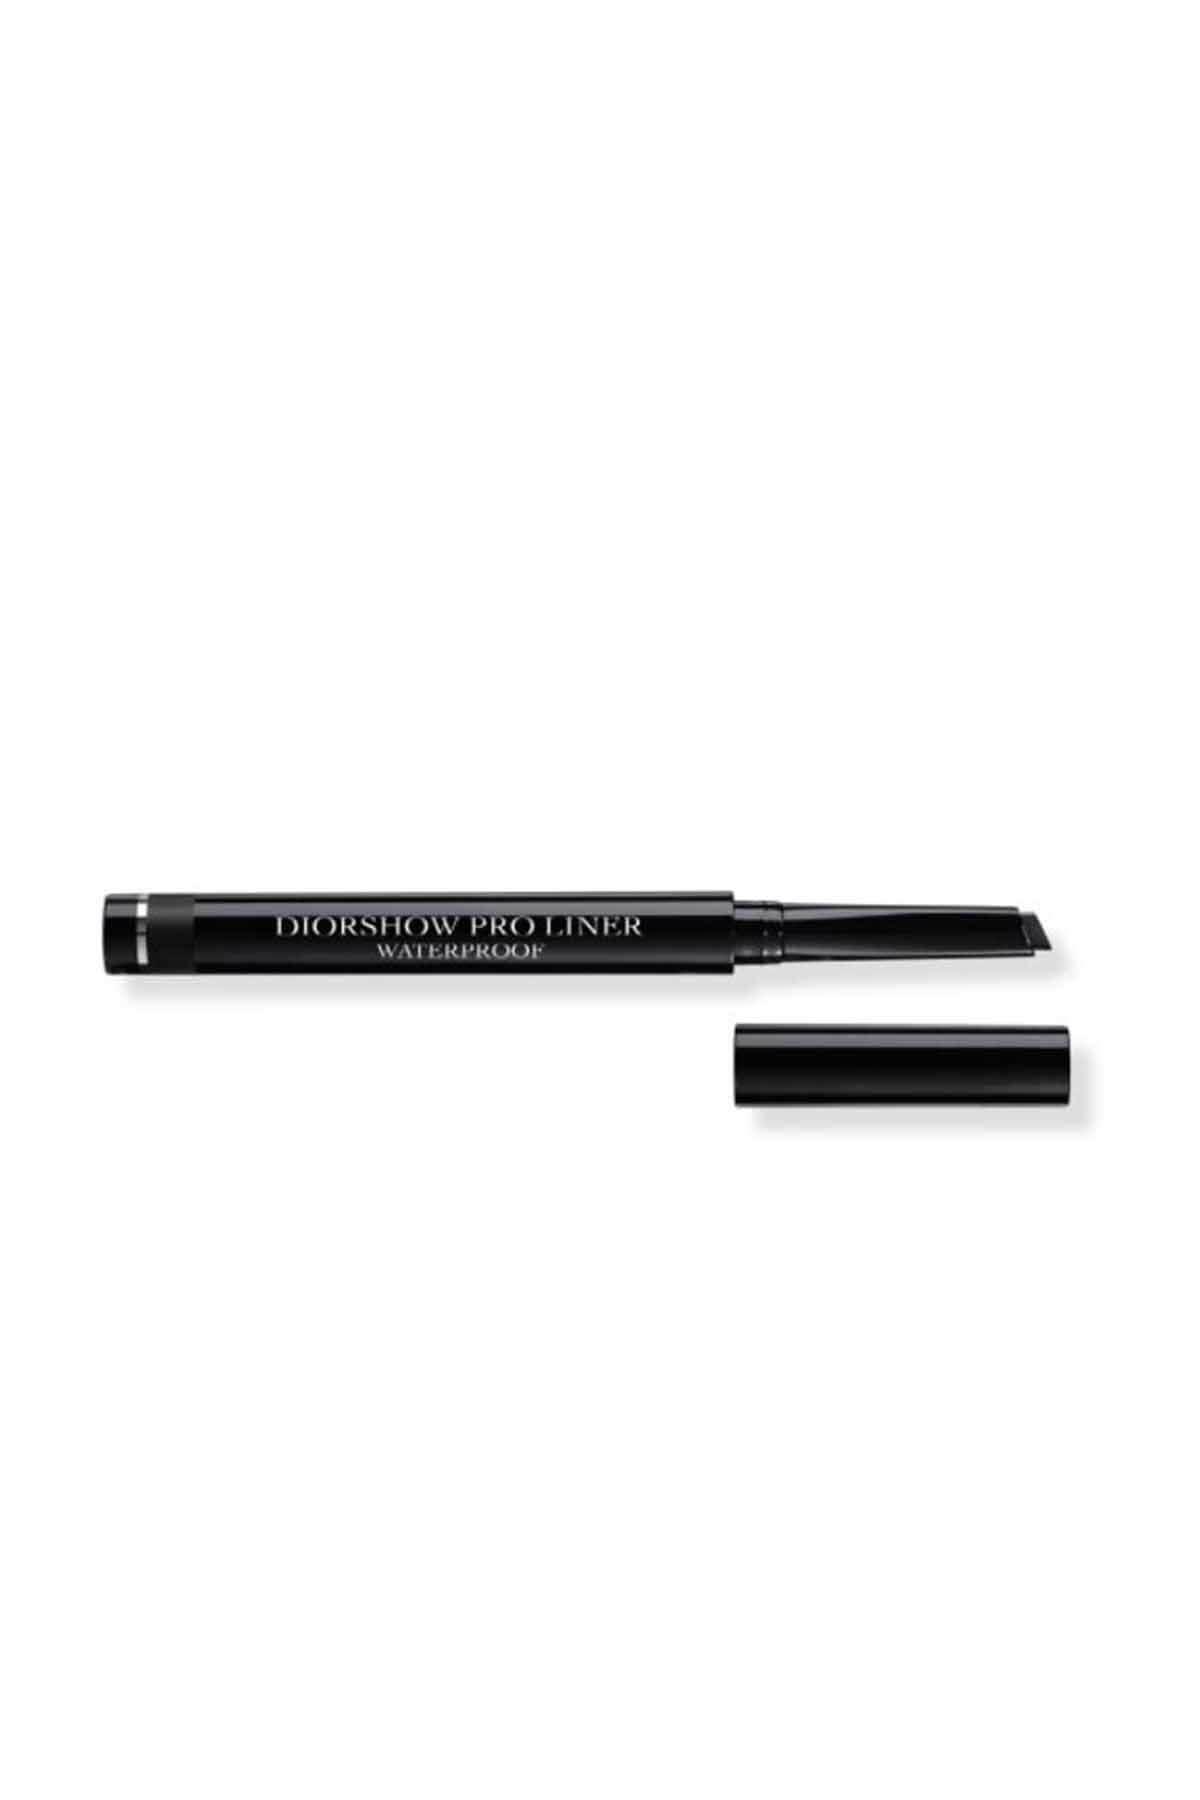 Dior Siyah Eyeliner - Pro Liner 092 Backstage Black 3348901252805 1